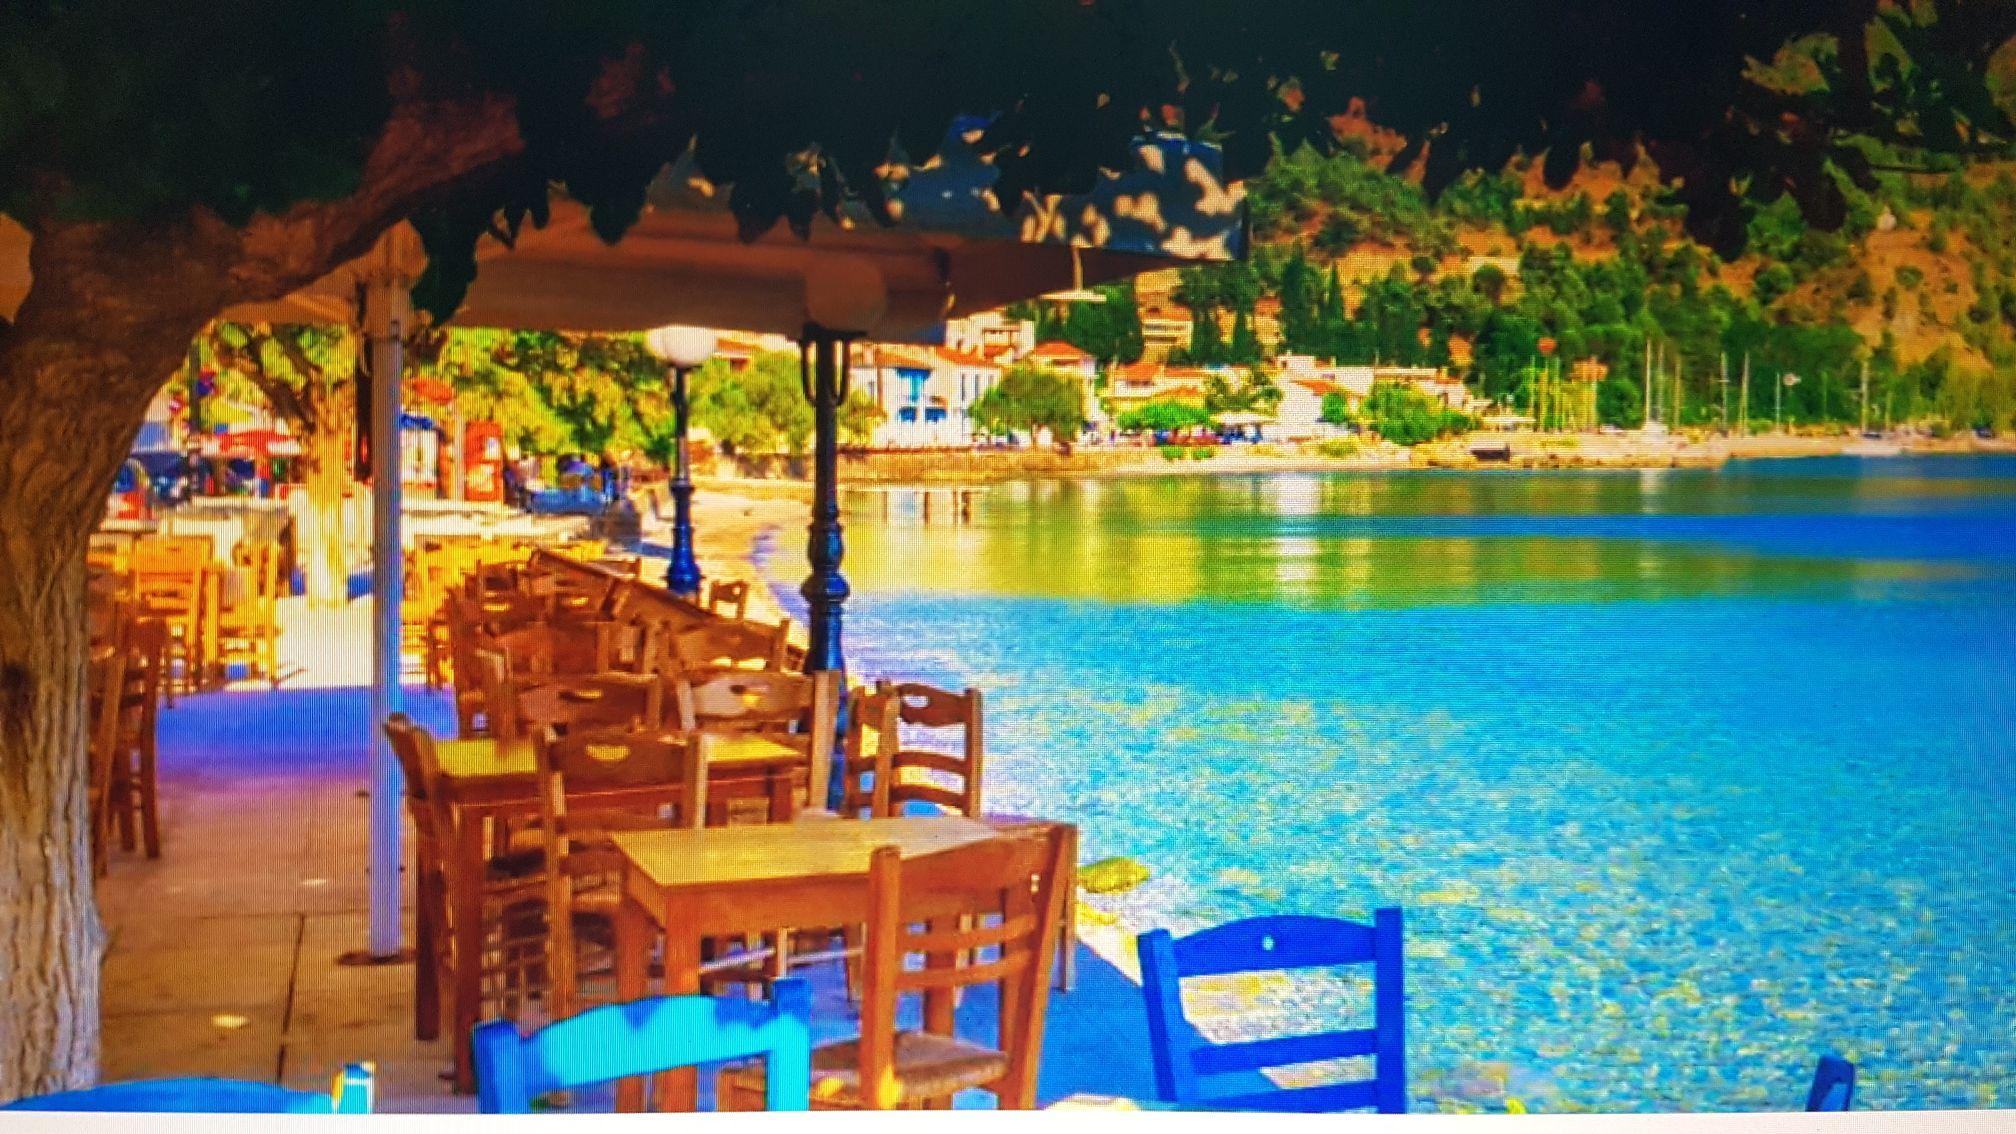 Wczasy all inclusive Grecja wyspa Evia 7 dni KAT WAW 13-20.08.